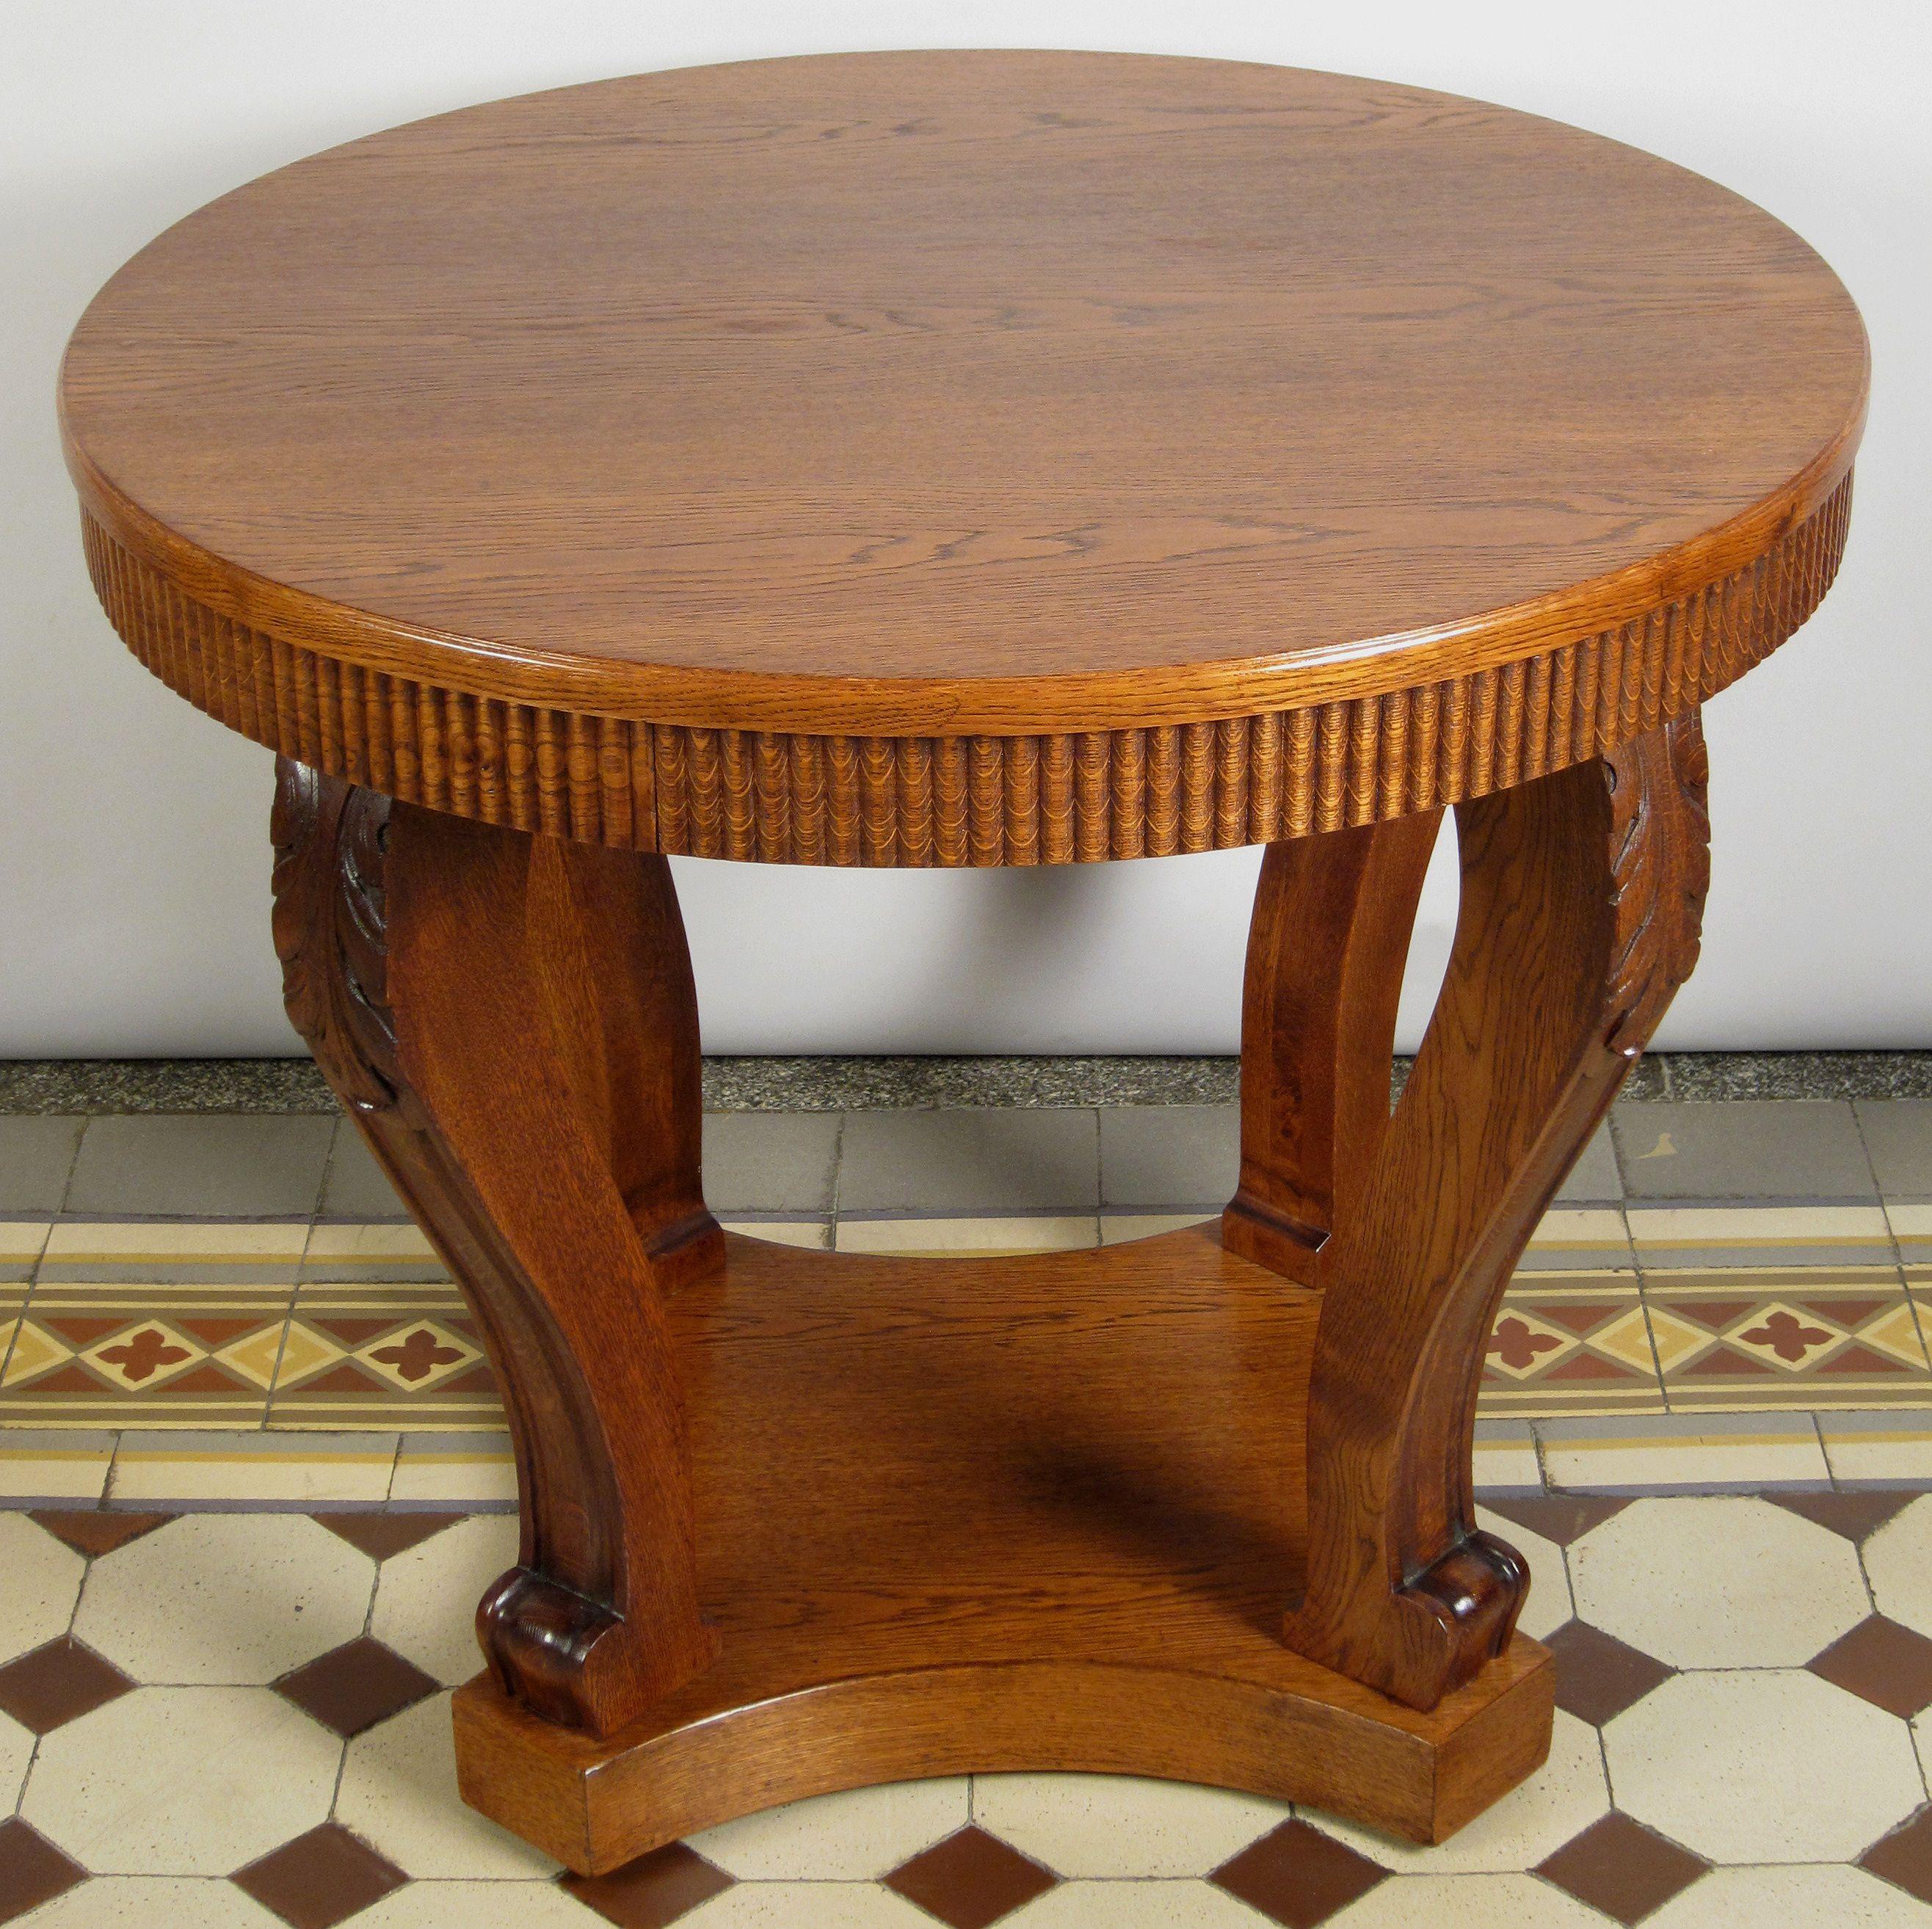 Runder Tisch Mit Vier Säulen Epoche Neorenaissance Holzart Eiche Maße Höhe 76 Cm Durchmesser 90 Kennung Nr 099